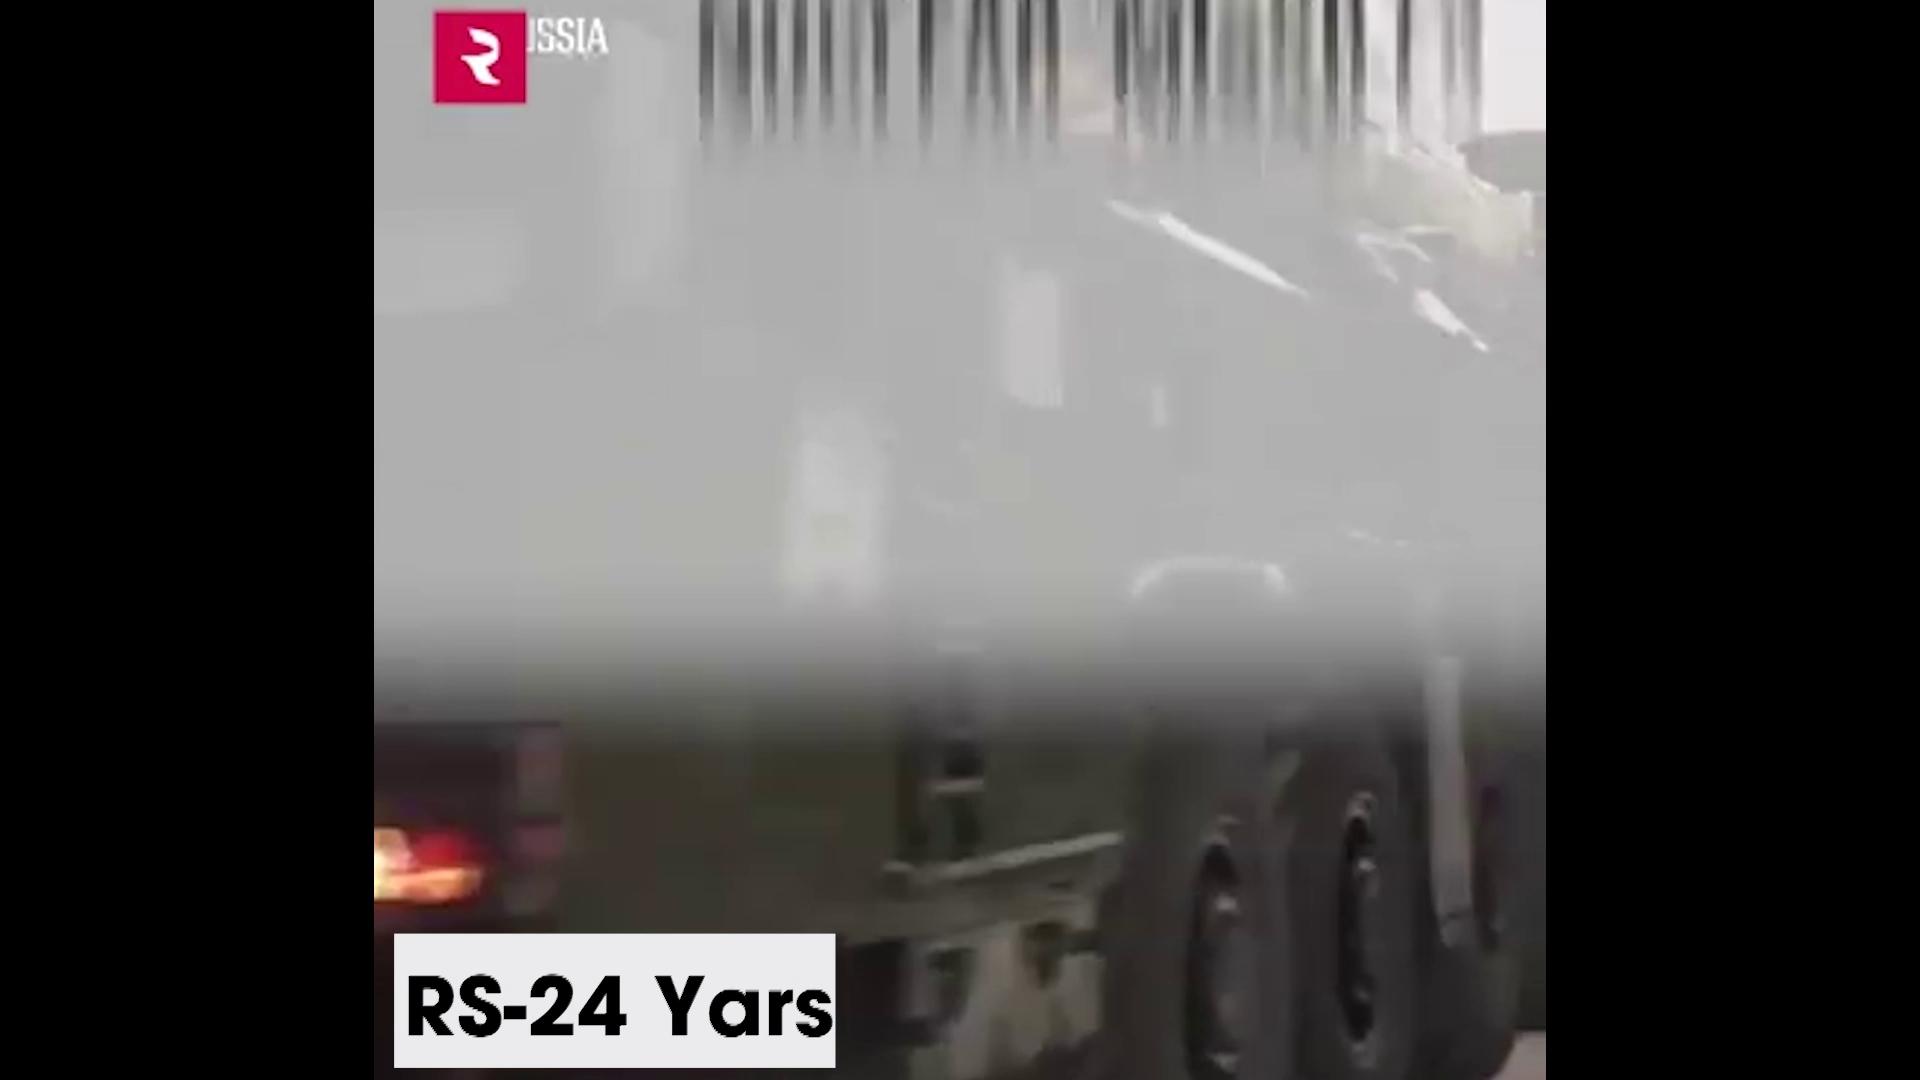 Bộ 3 tên lửa đạn đạo hạt nhân có sức hủy diệt khủng khiếp của Nga